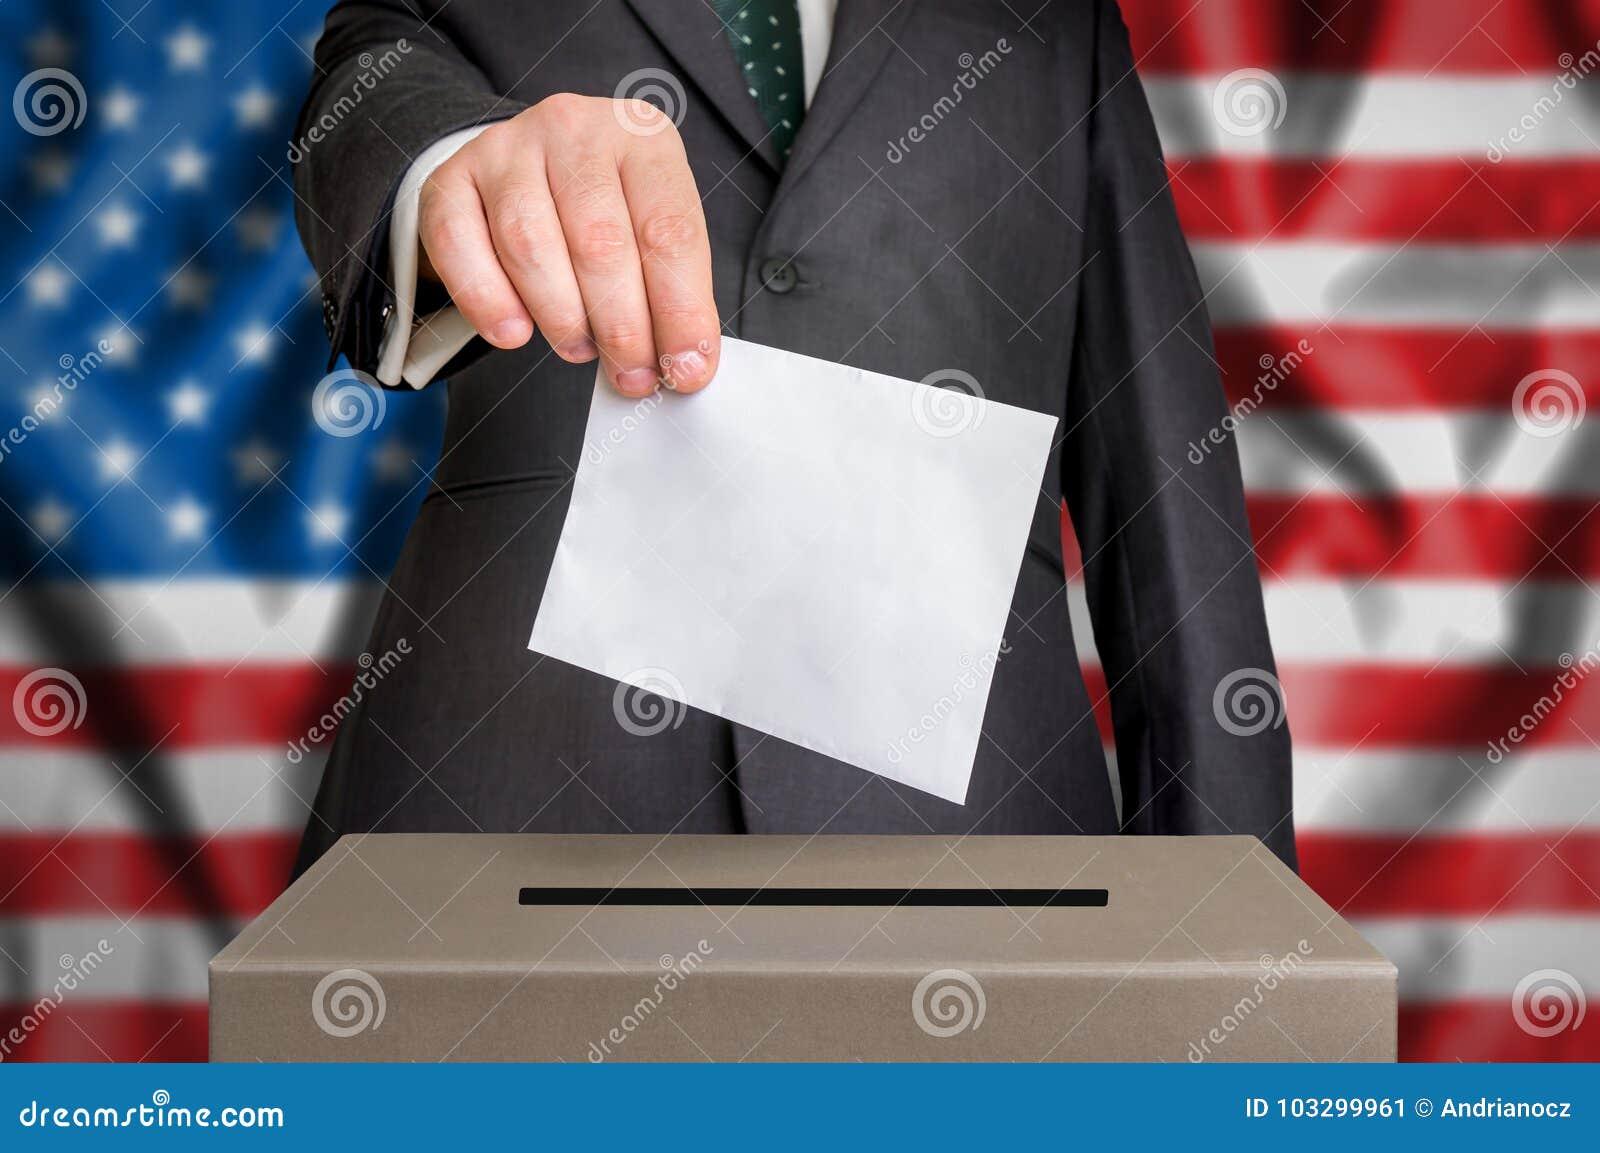 Wahl in USA - wählend an der Wahlurne